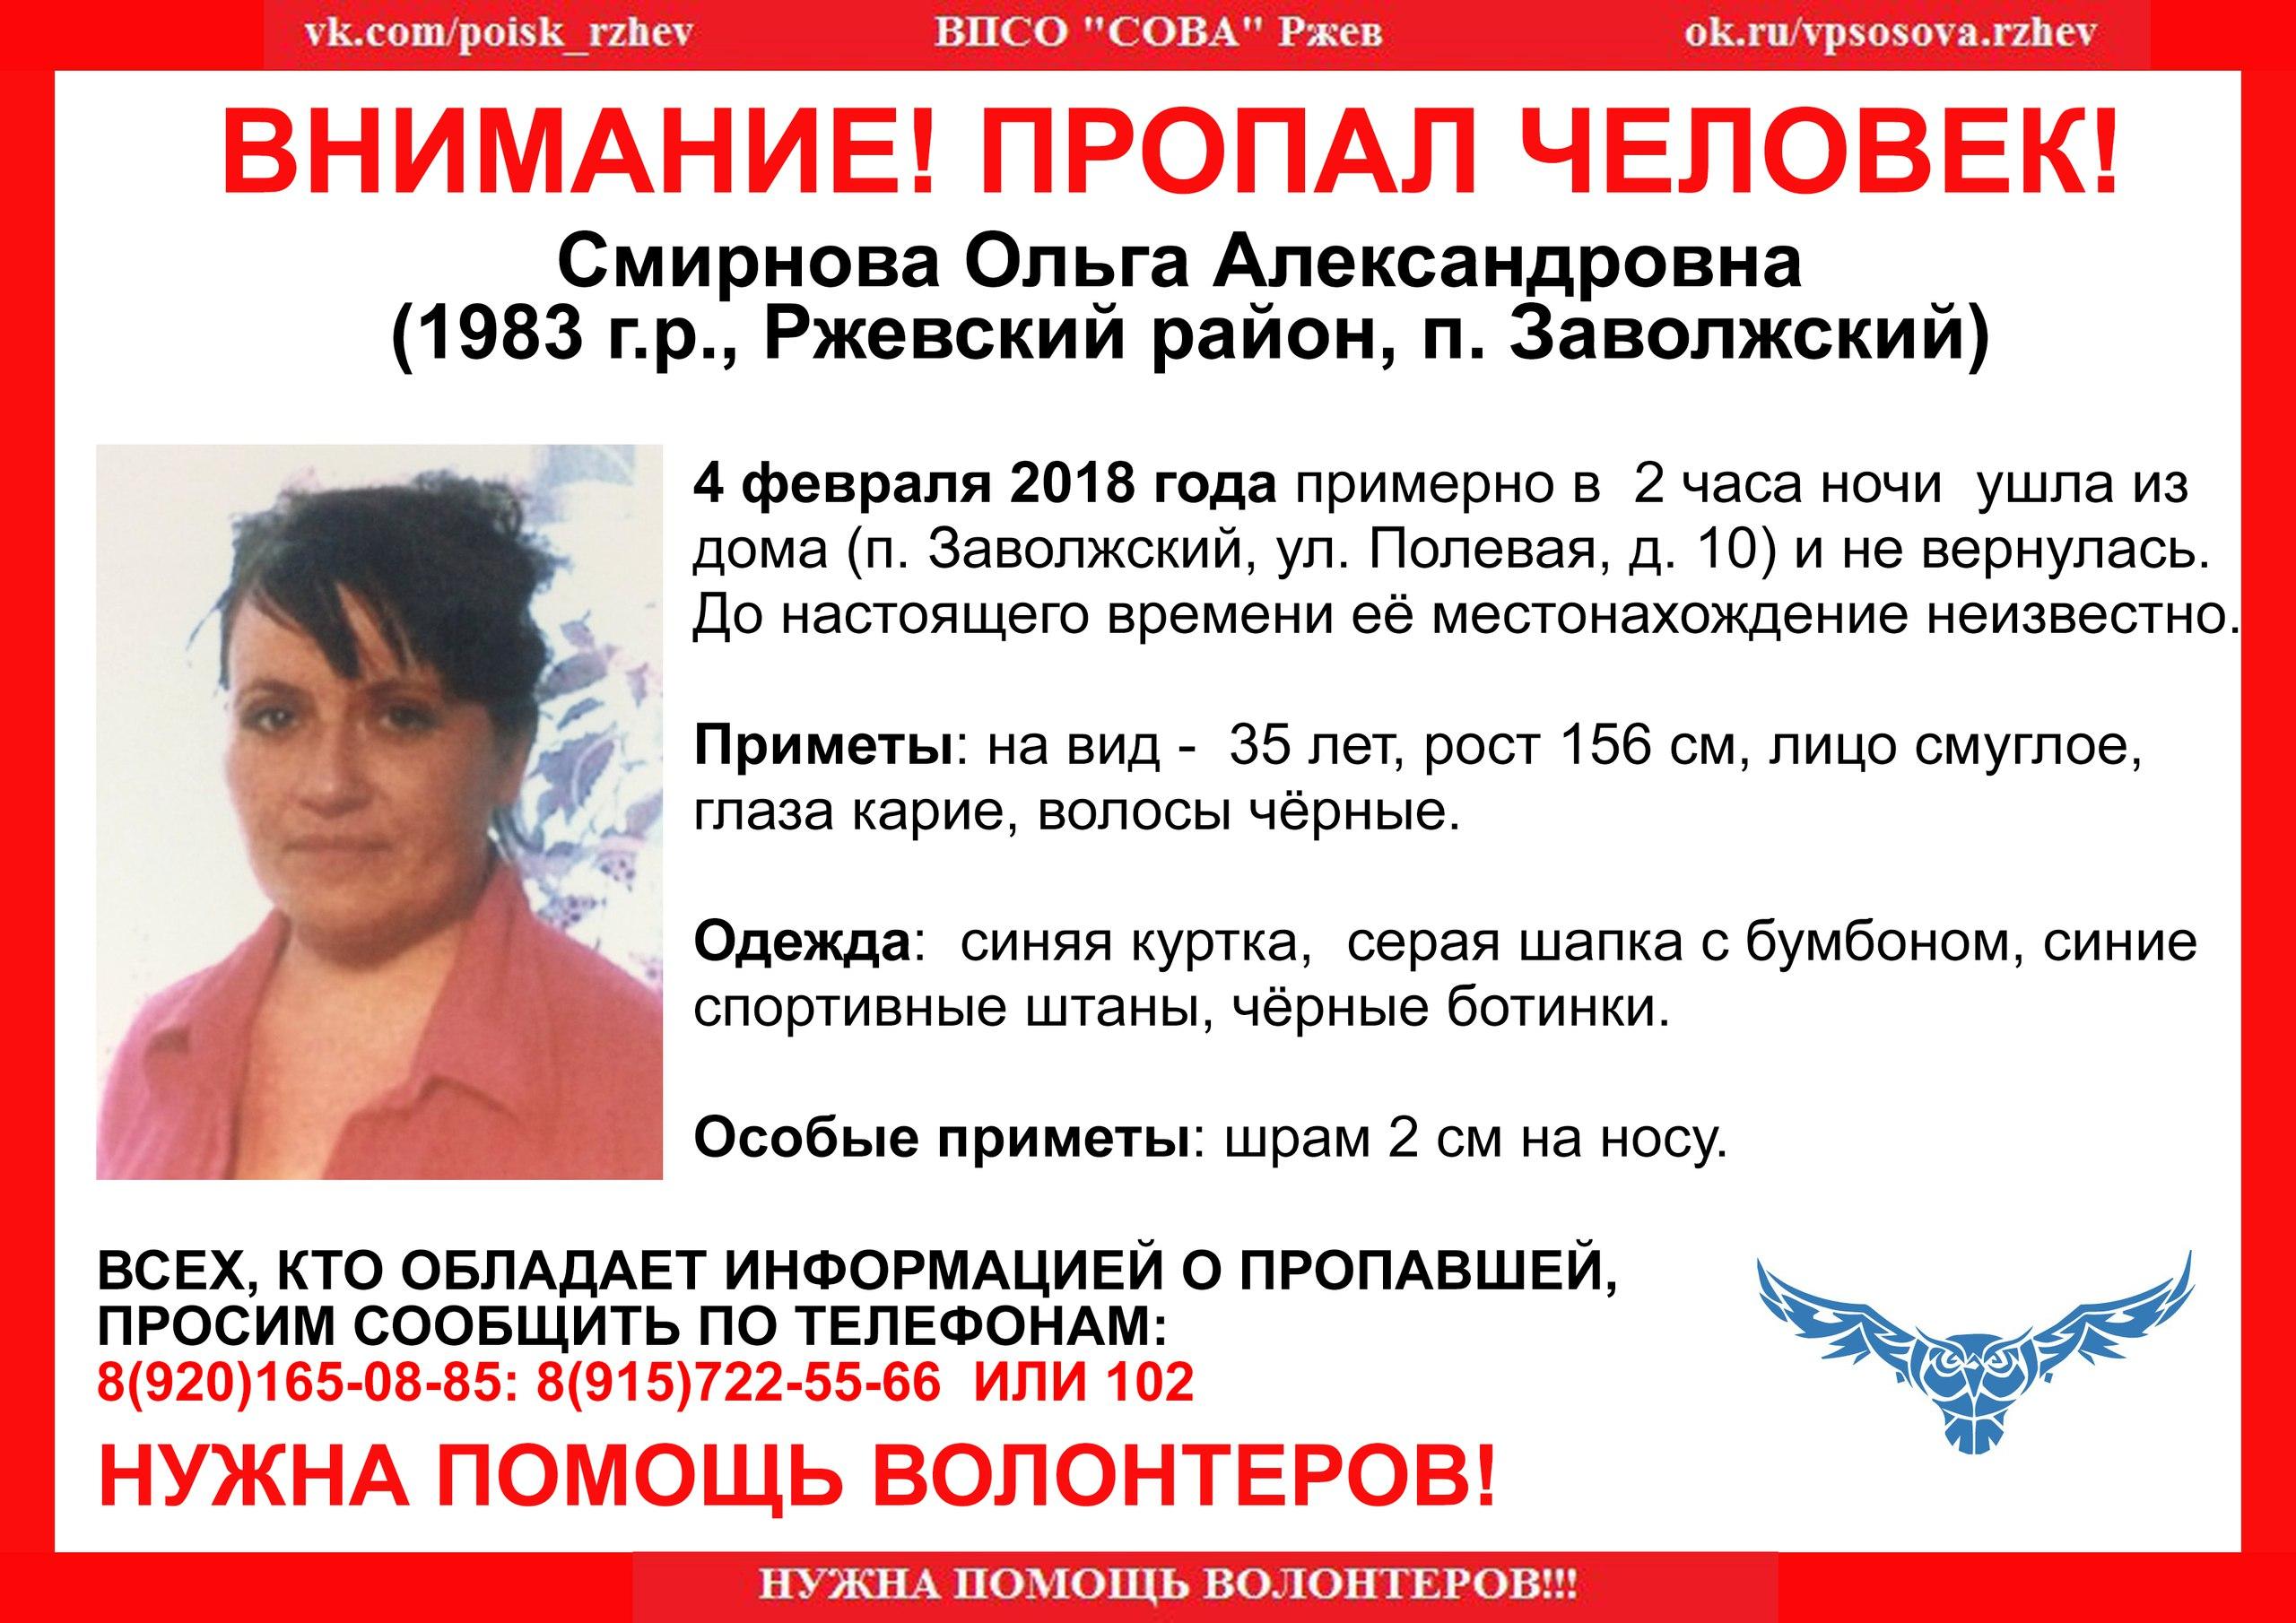 В Ржевском районе разыскивают пропавшую женщину